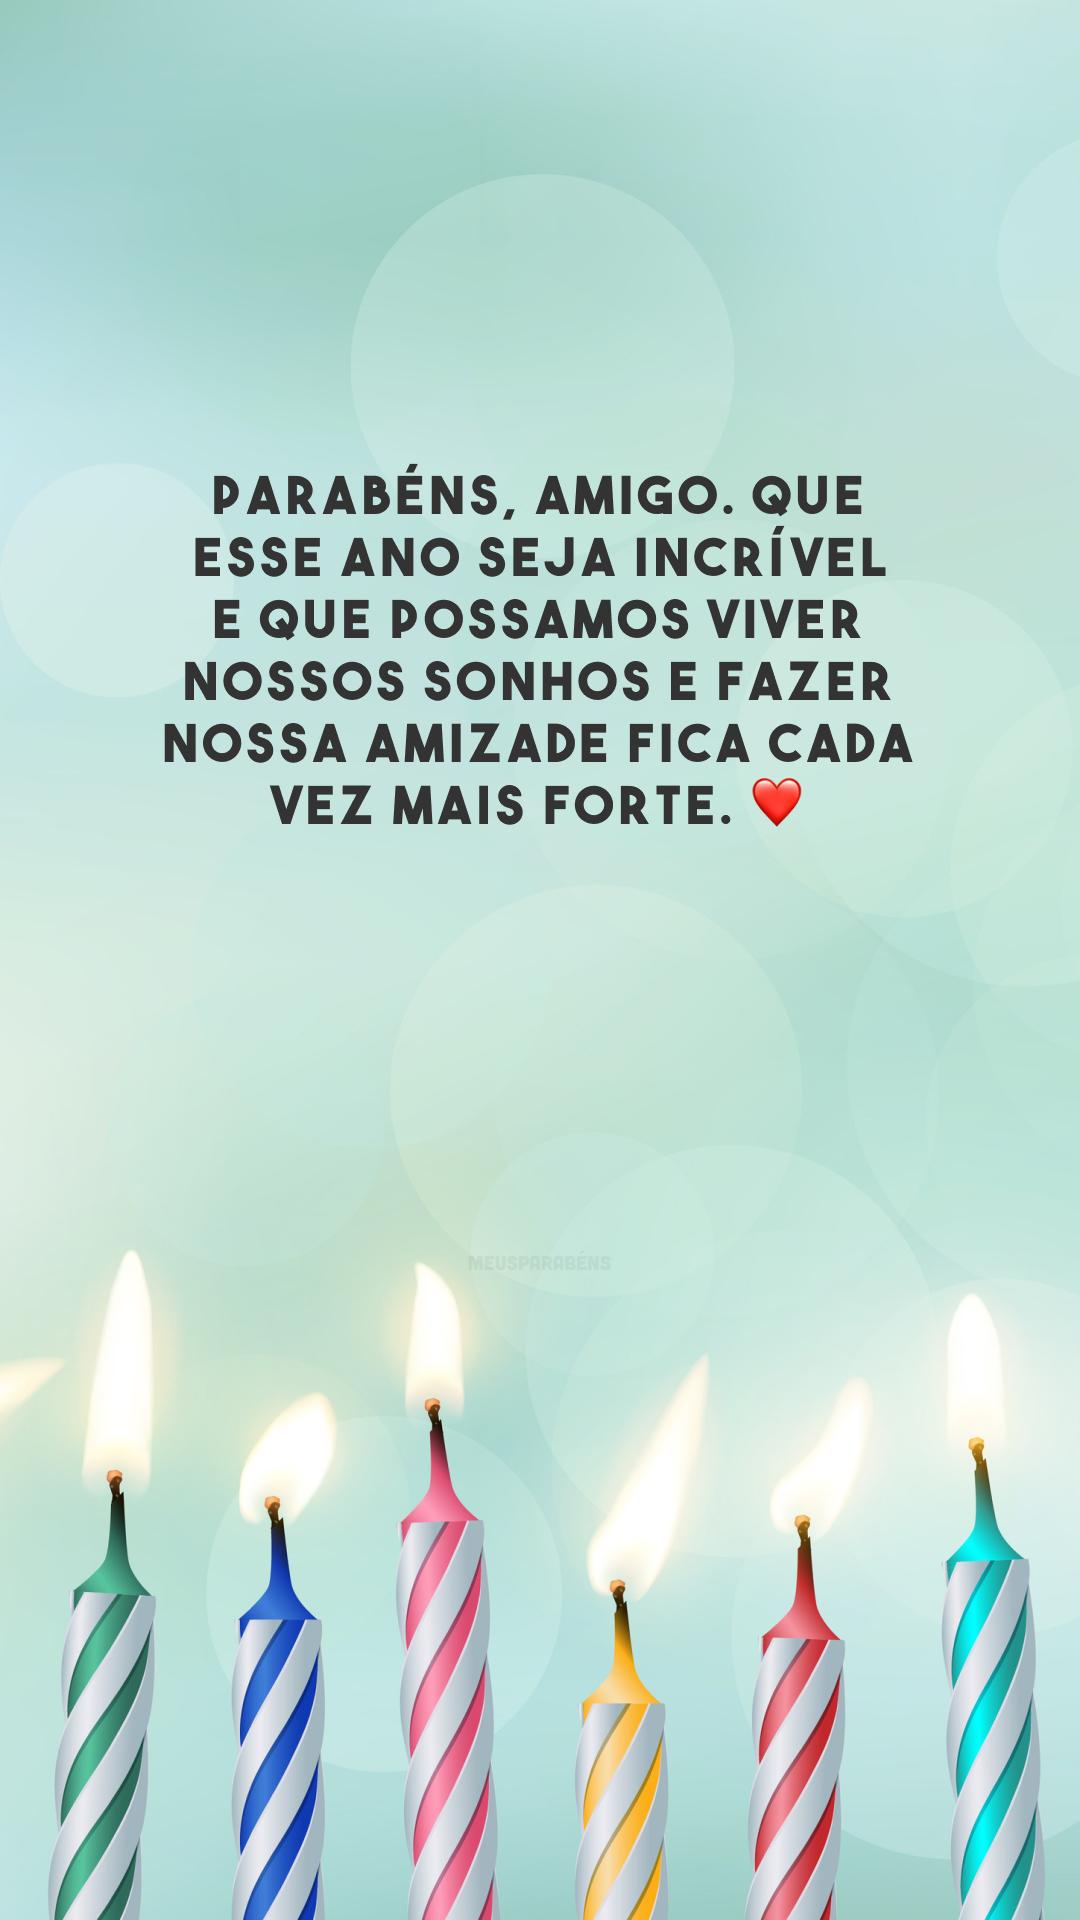 Parabéns, amigo. Que esse ano seja incrível e que possamos viver nossos sonhos e fazer nossa amizade fica cada vez mais forte. ❤️